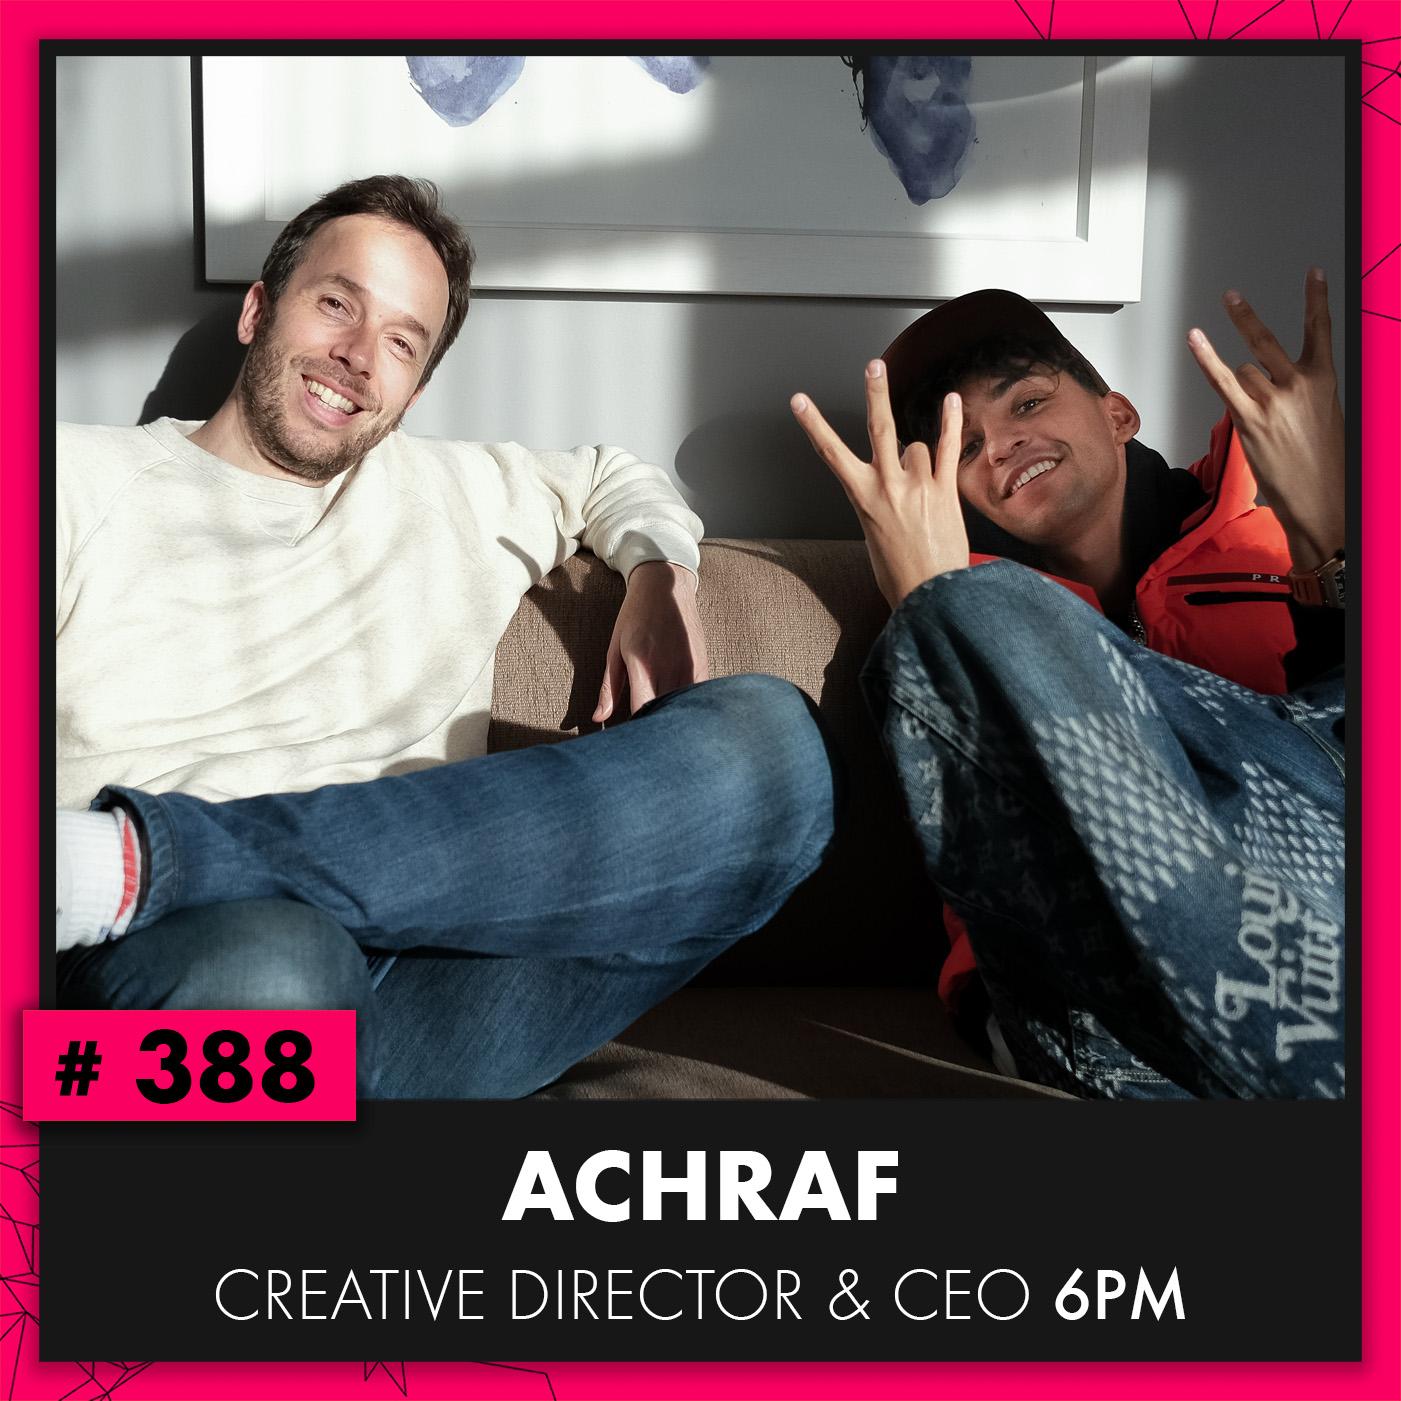 OMR #388 mit 6PM-Gründer Achraf Ait Bouzalim